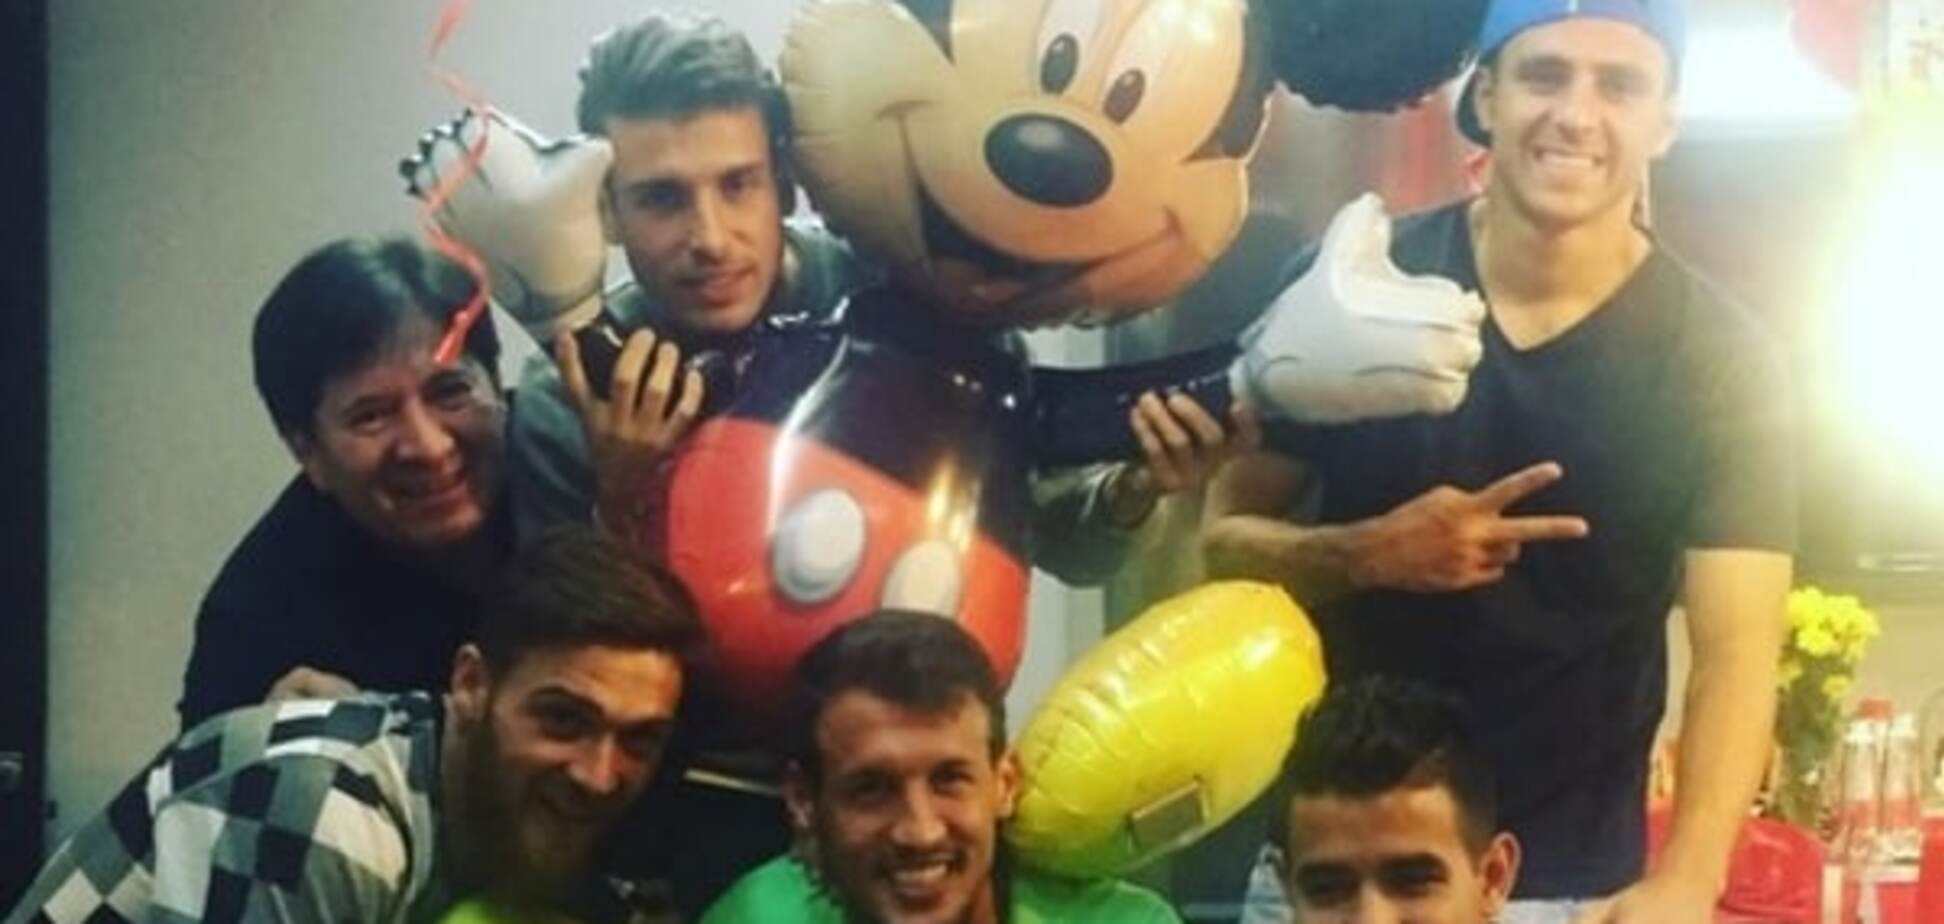 Футболист 'Динамо' организовал яркий день рождения с Микки-Маусом: забавные фото